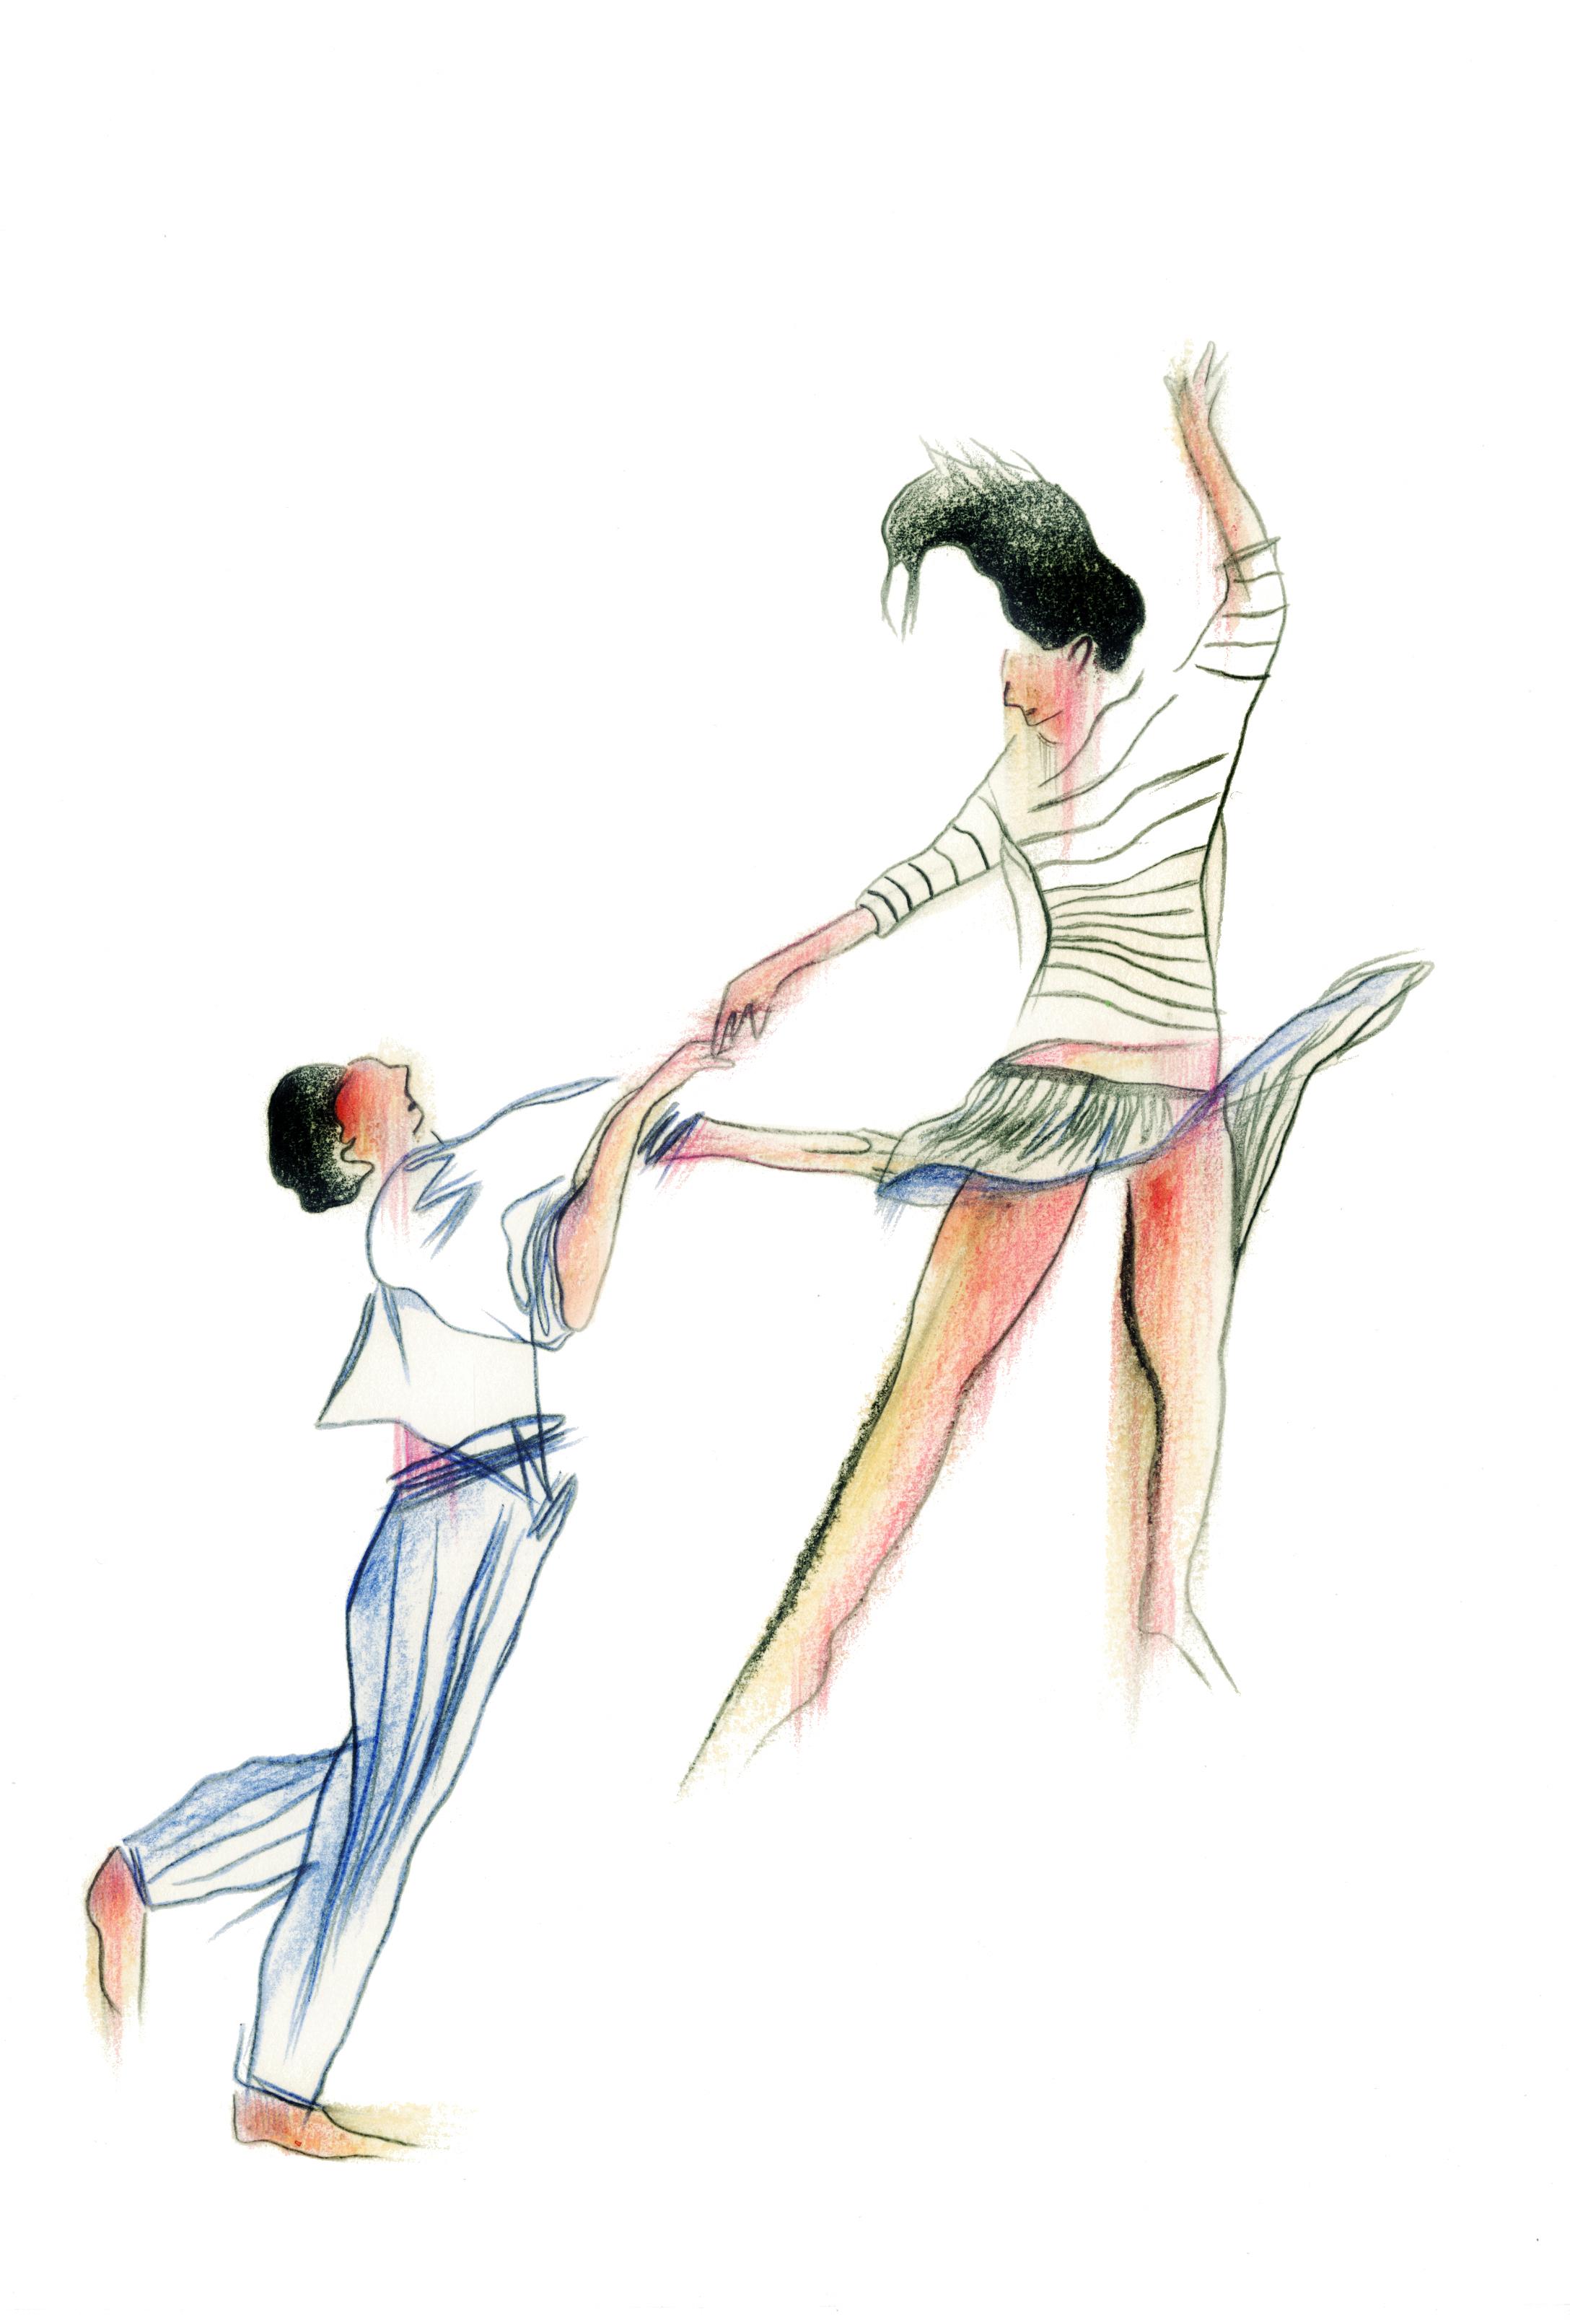 Danse 3 | GALERIE TREIZE DIX / DANSE #3 | NOÉMIE CHUST